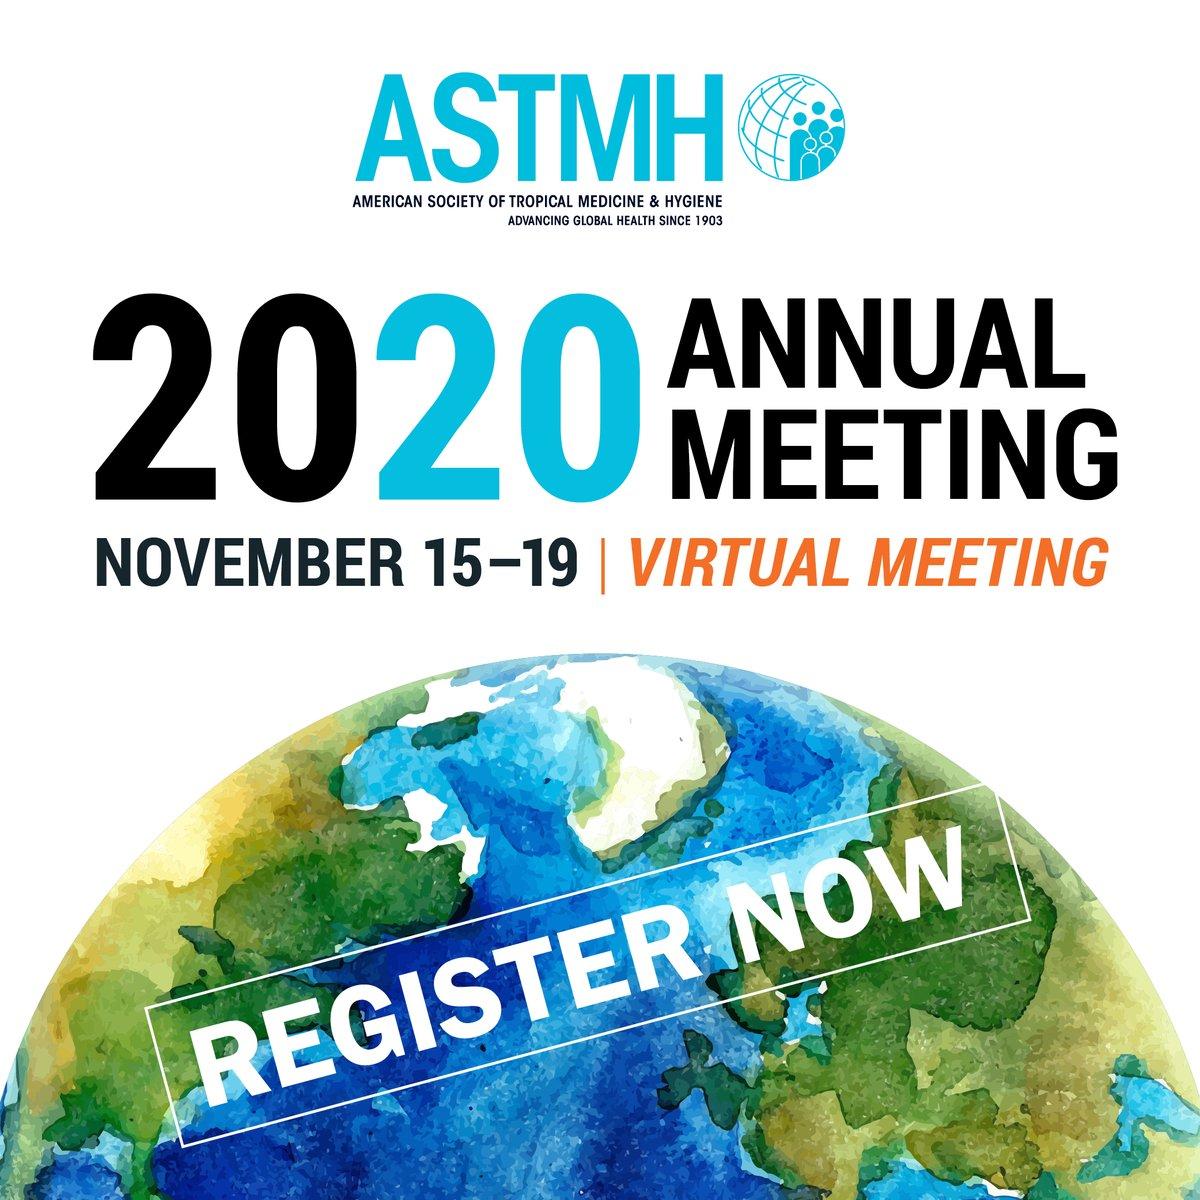 ASTMH-2020-VIRTUAL-Meeting-Announcement